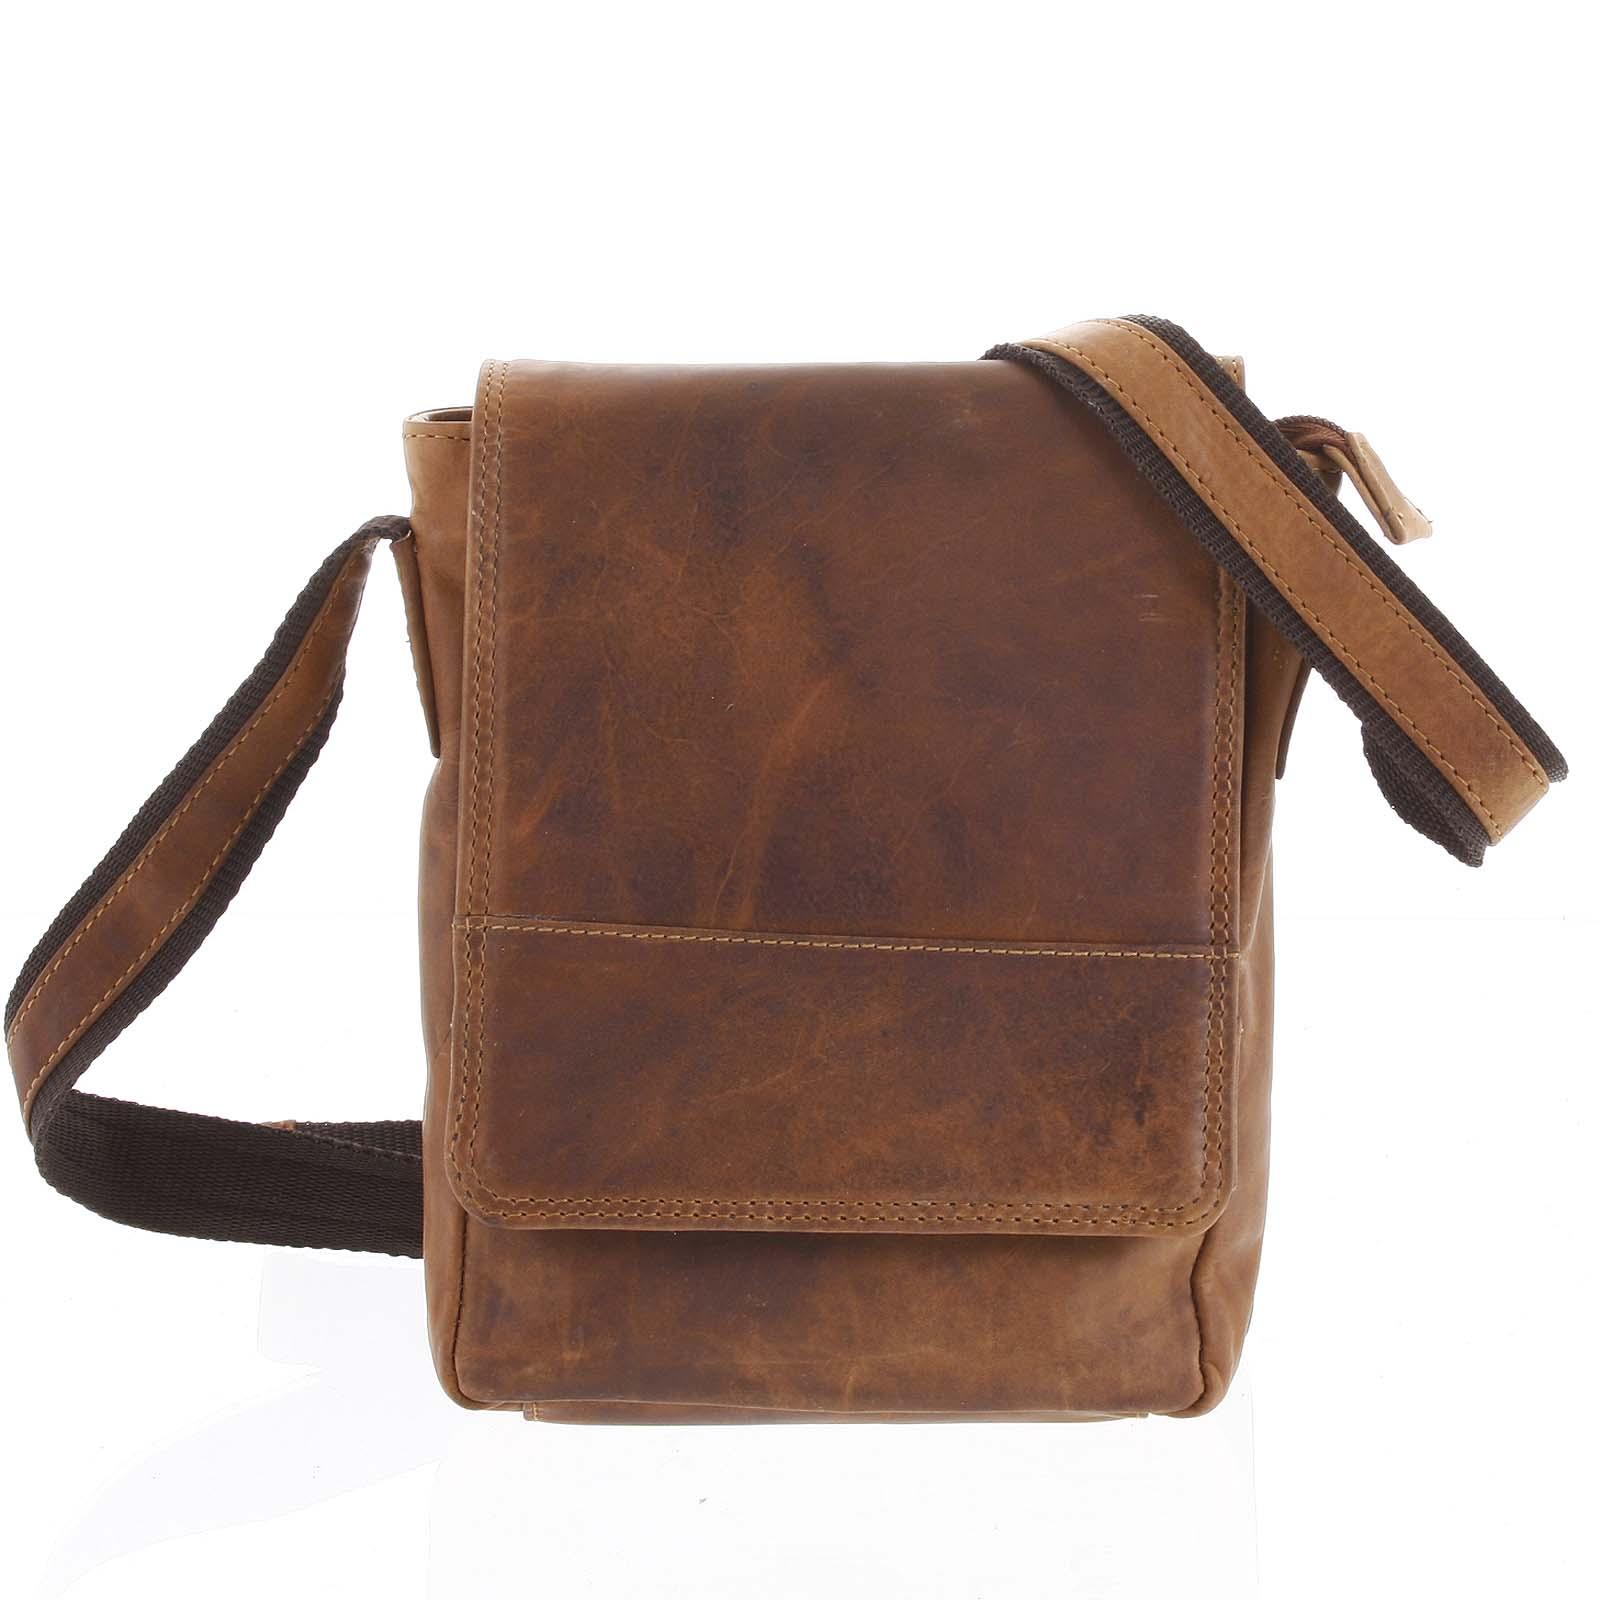 Kožená pánska crossbody taška na doklady svetlo hnedá 0213